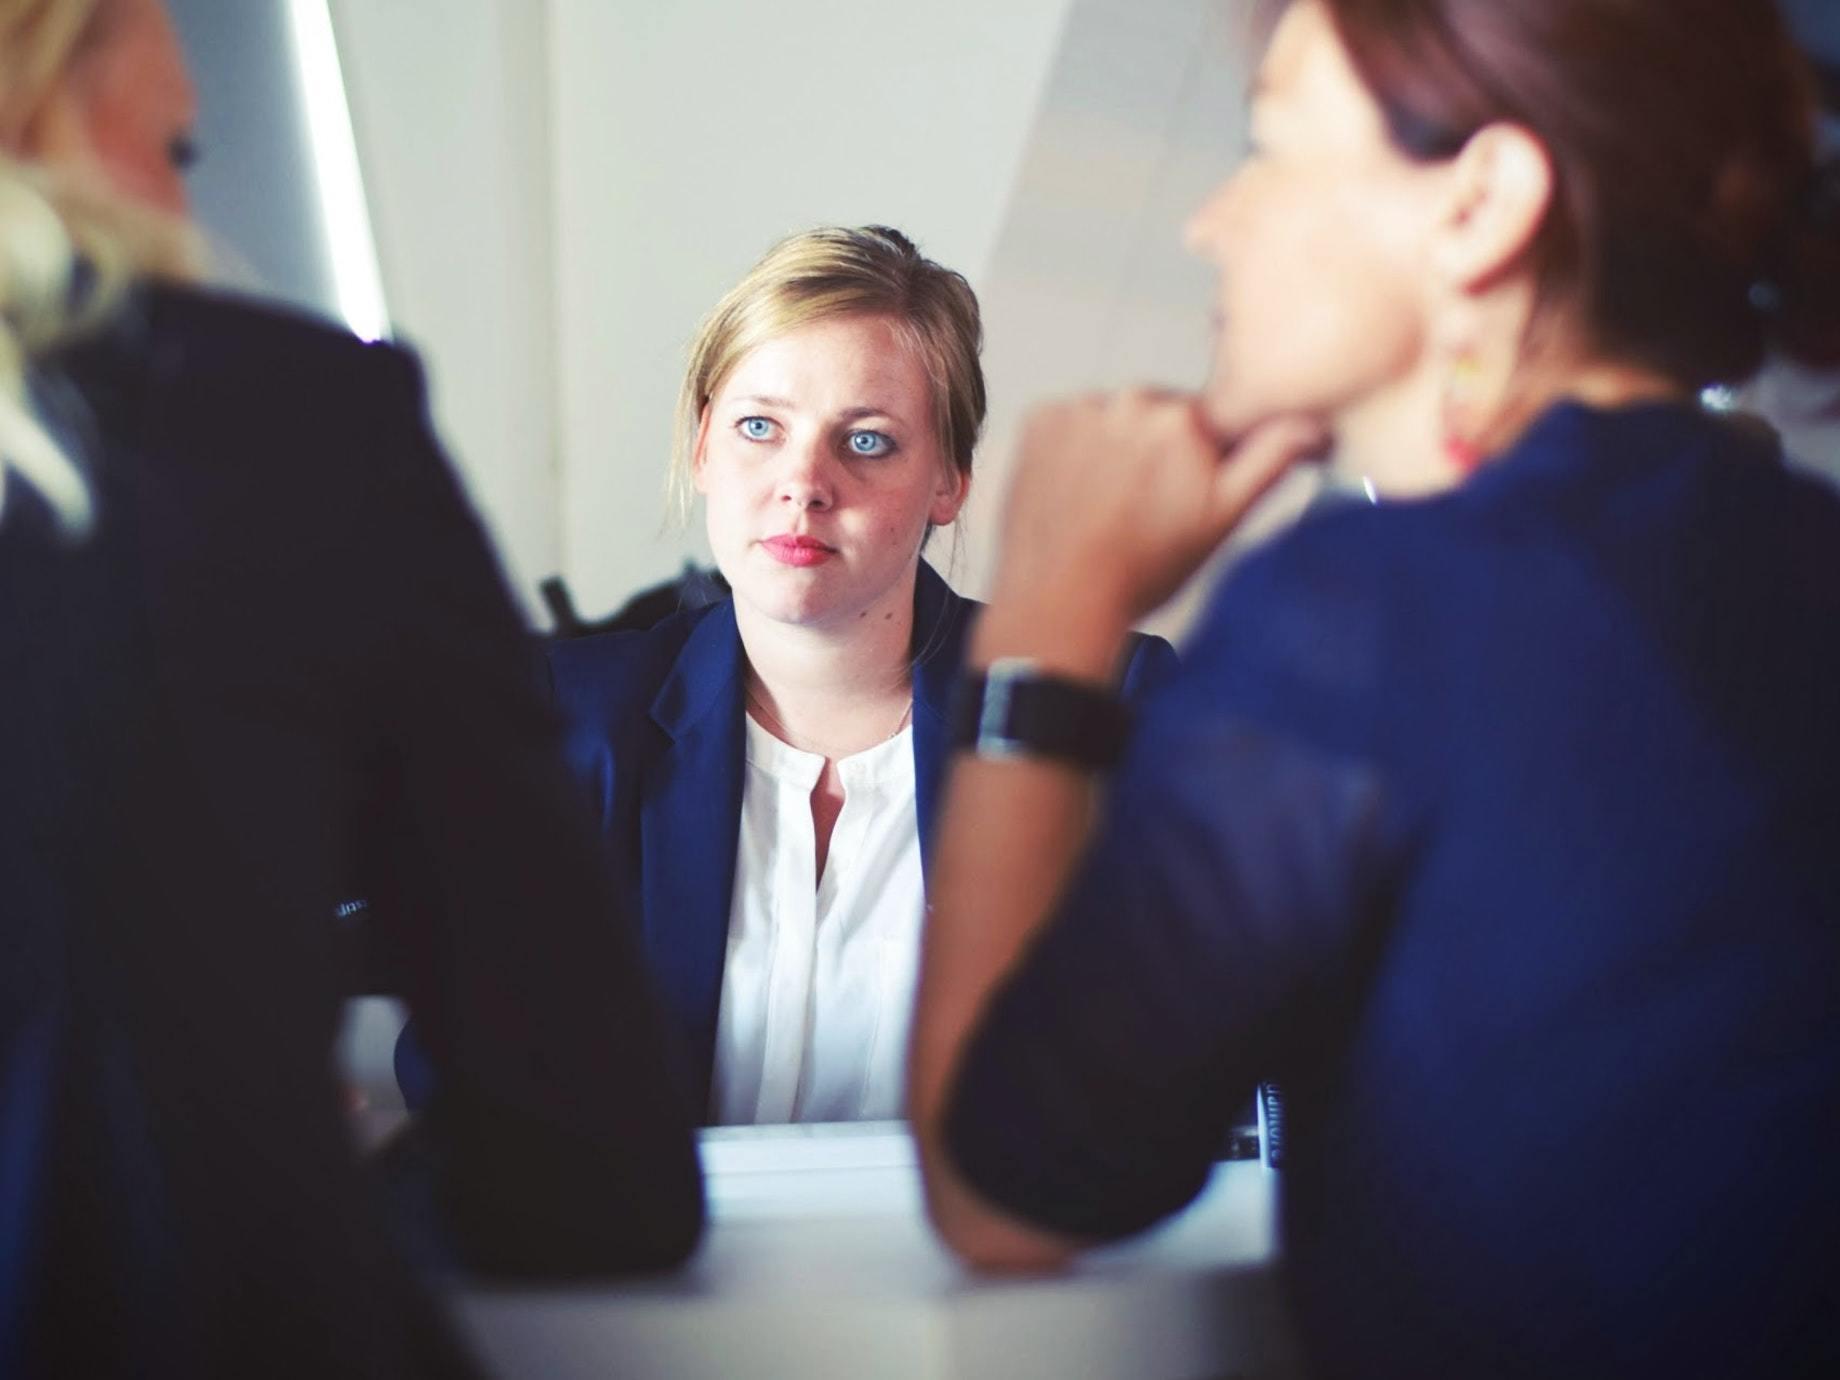 加速理解職場眉角的識人學!9種人格論析,幫你掌握溝通甜蜜點